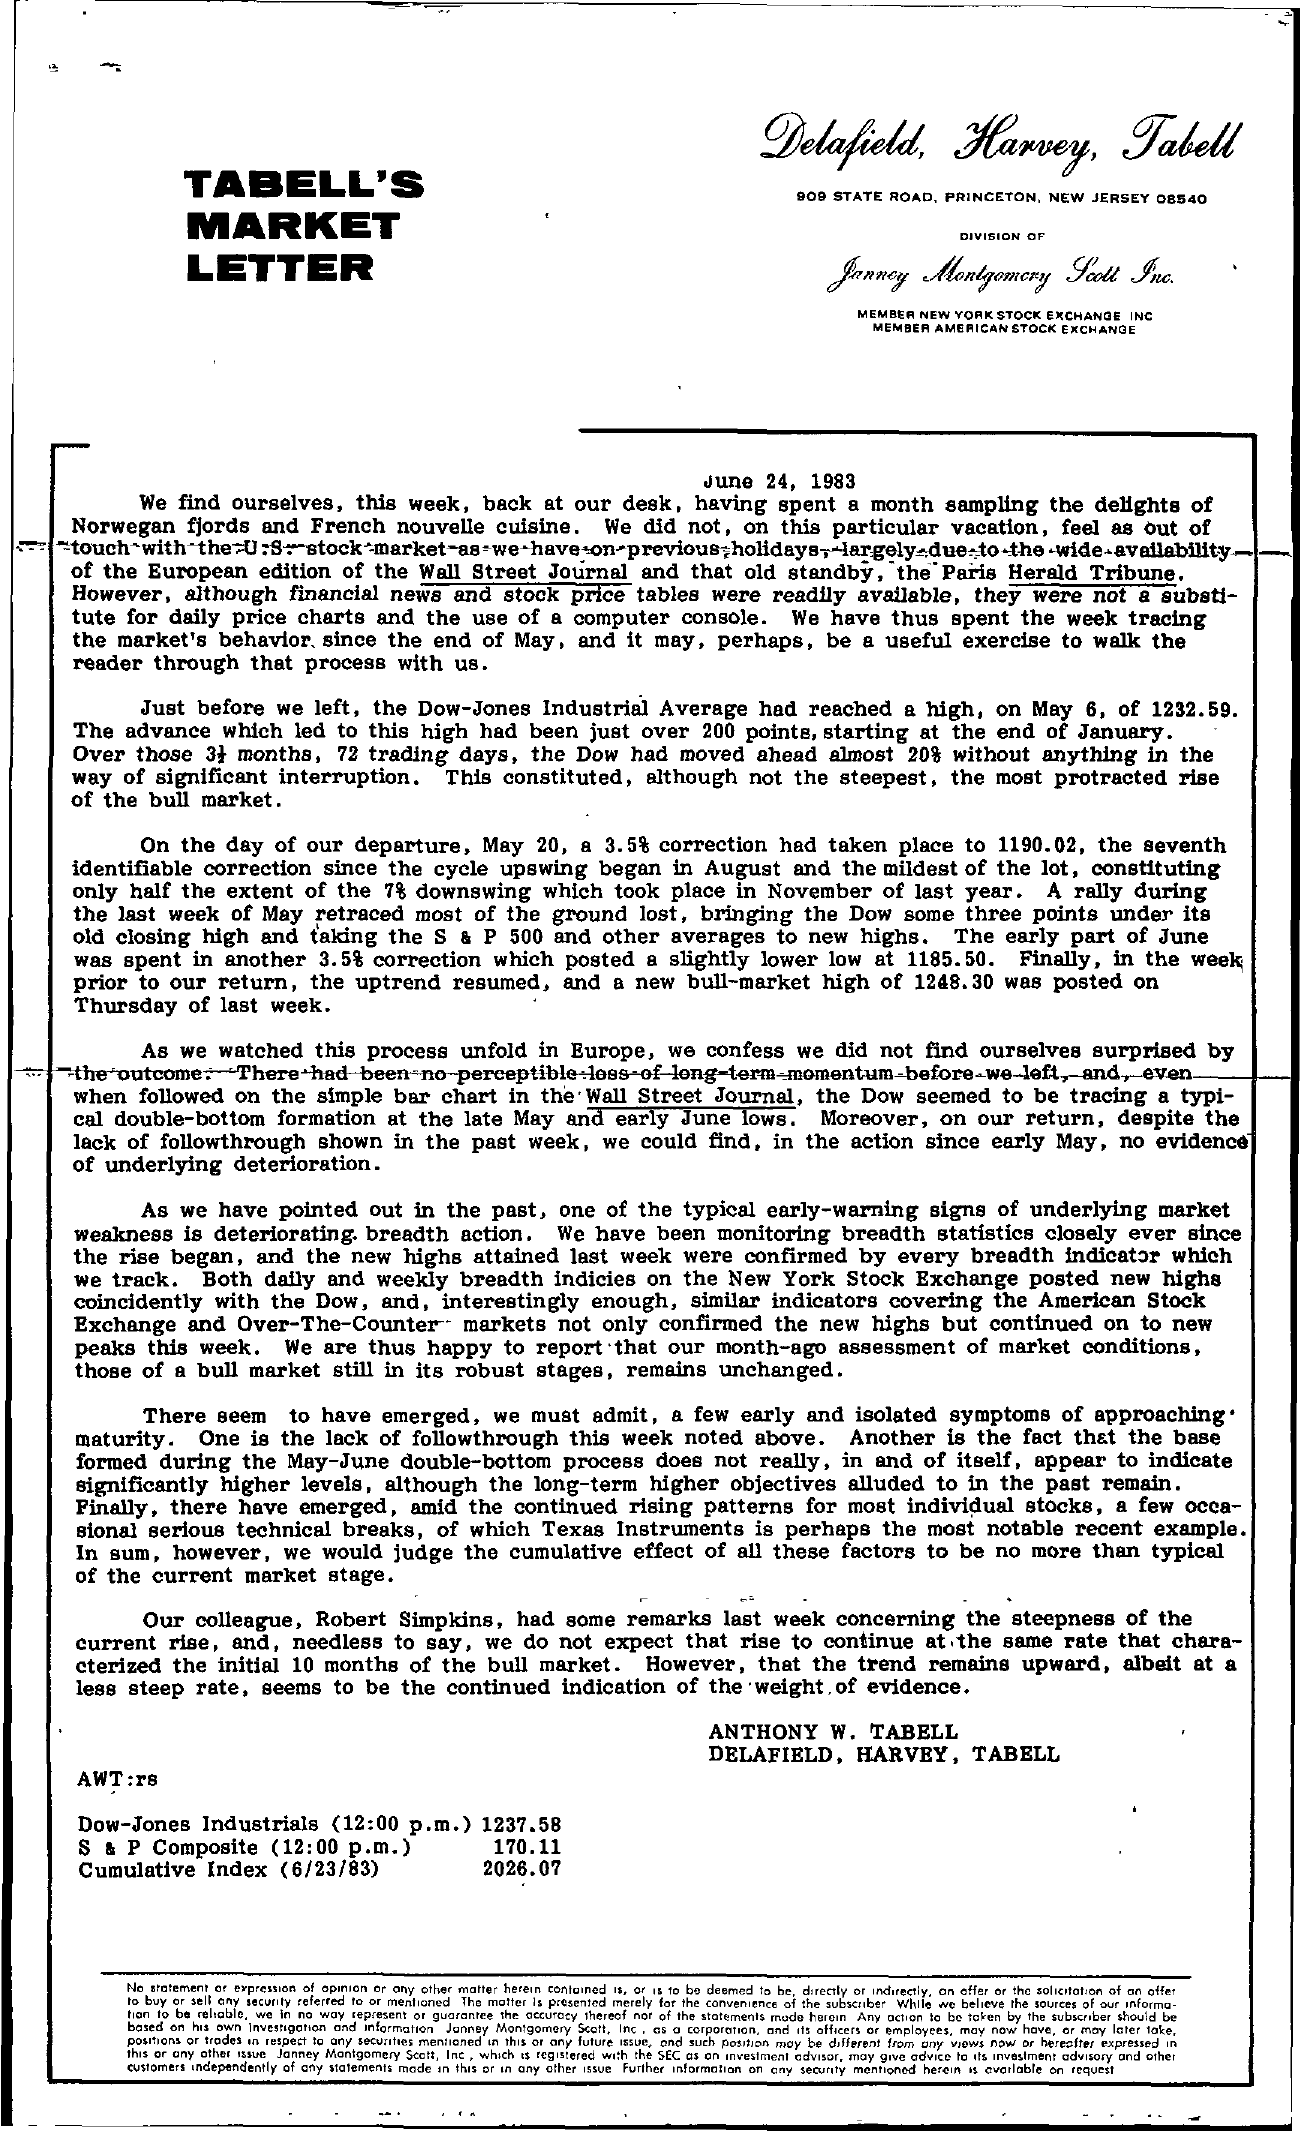 Tabell's Market Letter - June 24, 1983